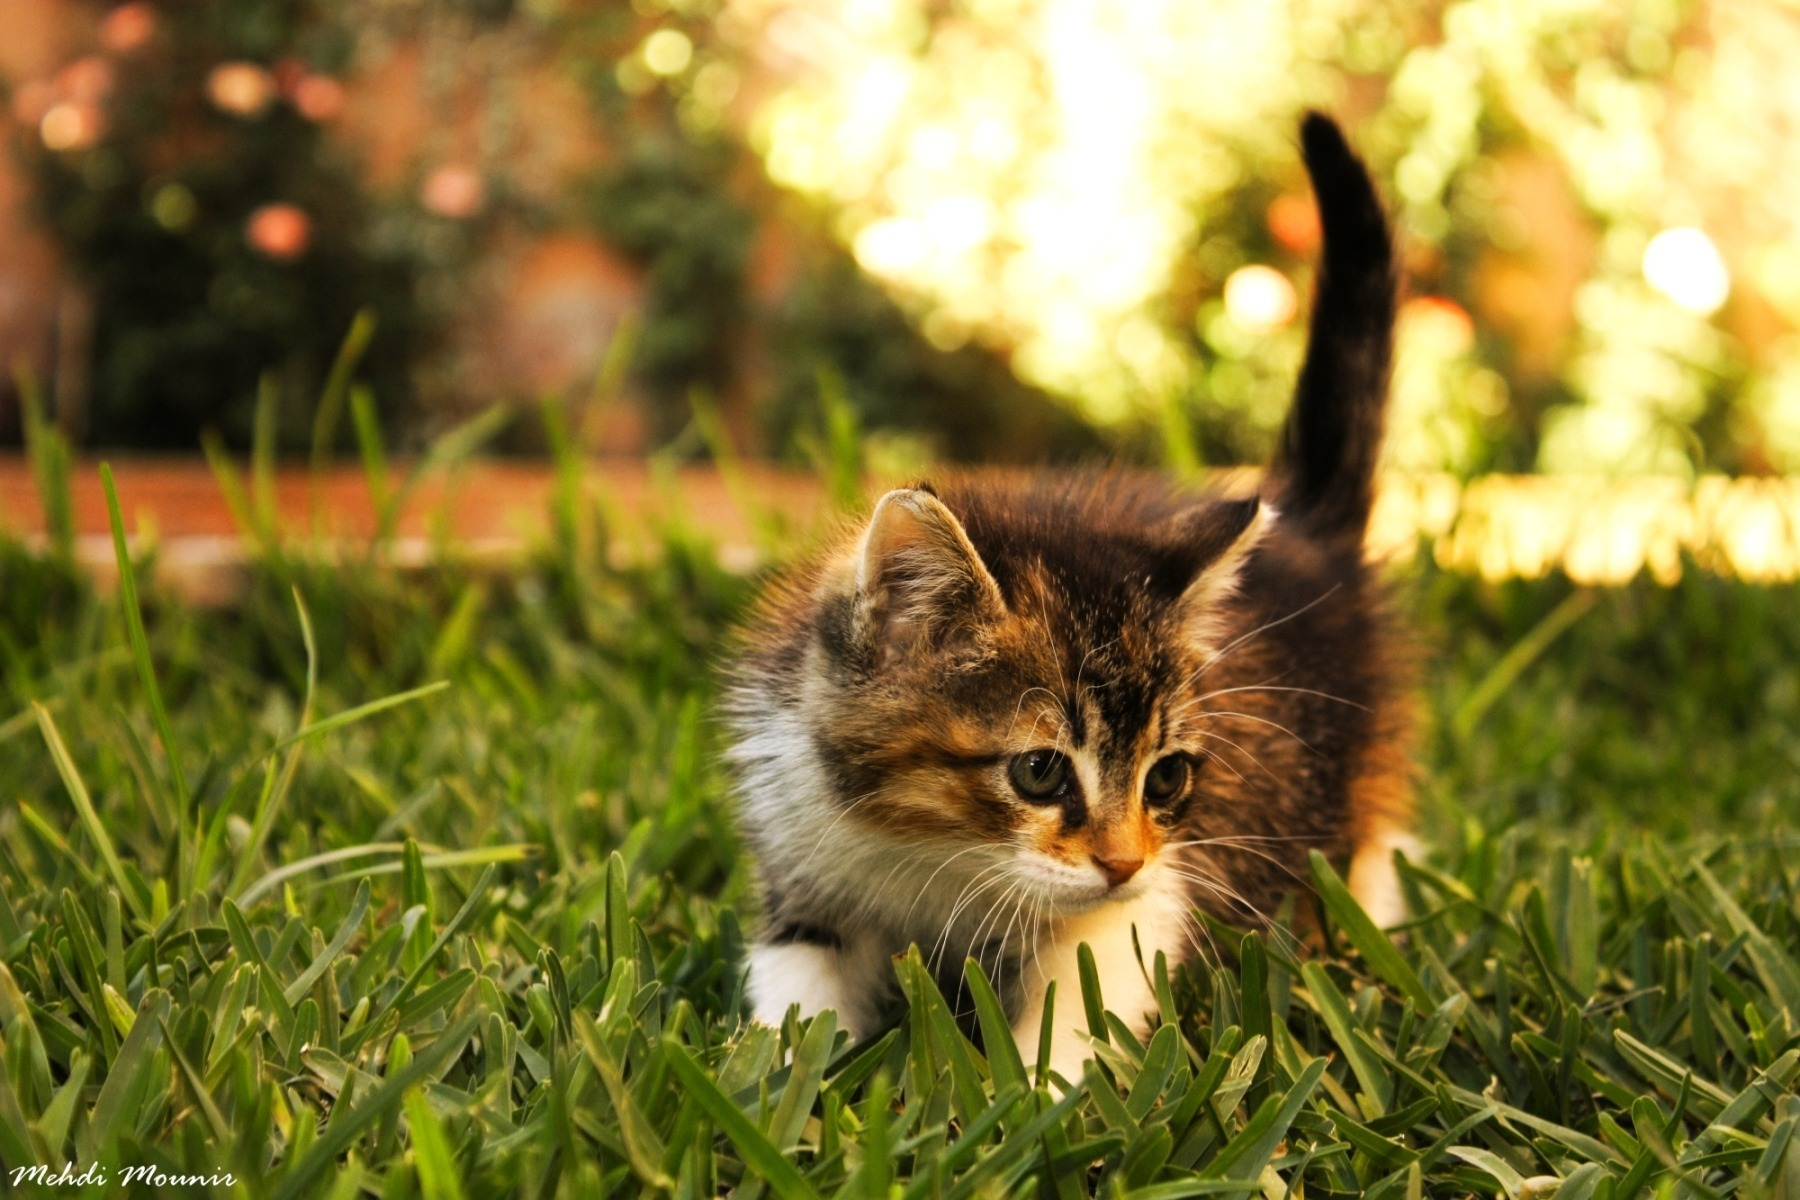 Котенок играющий с кошкой в траве  № 1994926 бесплатно